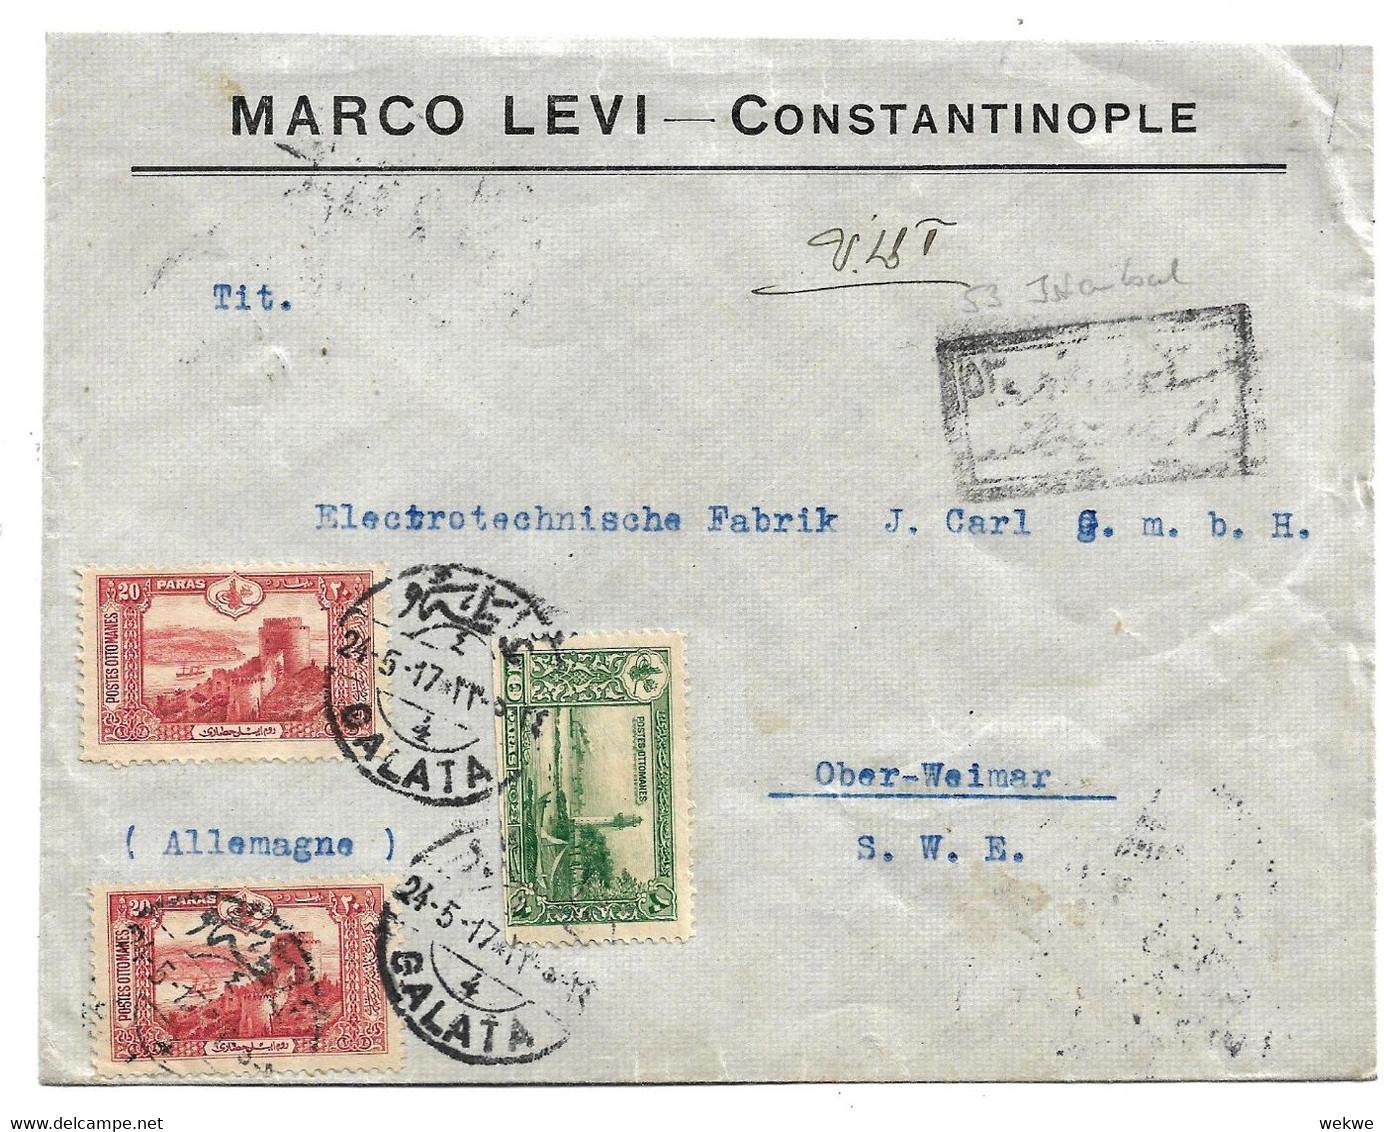 Tur171 / TÜRKEI - Zensierter Geschäftsbrief  Nach Ober-Weimar (Deutschland) - Brieven En Documenten